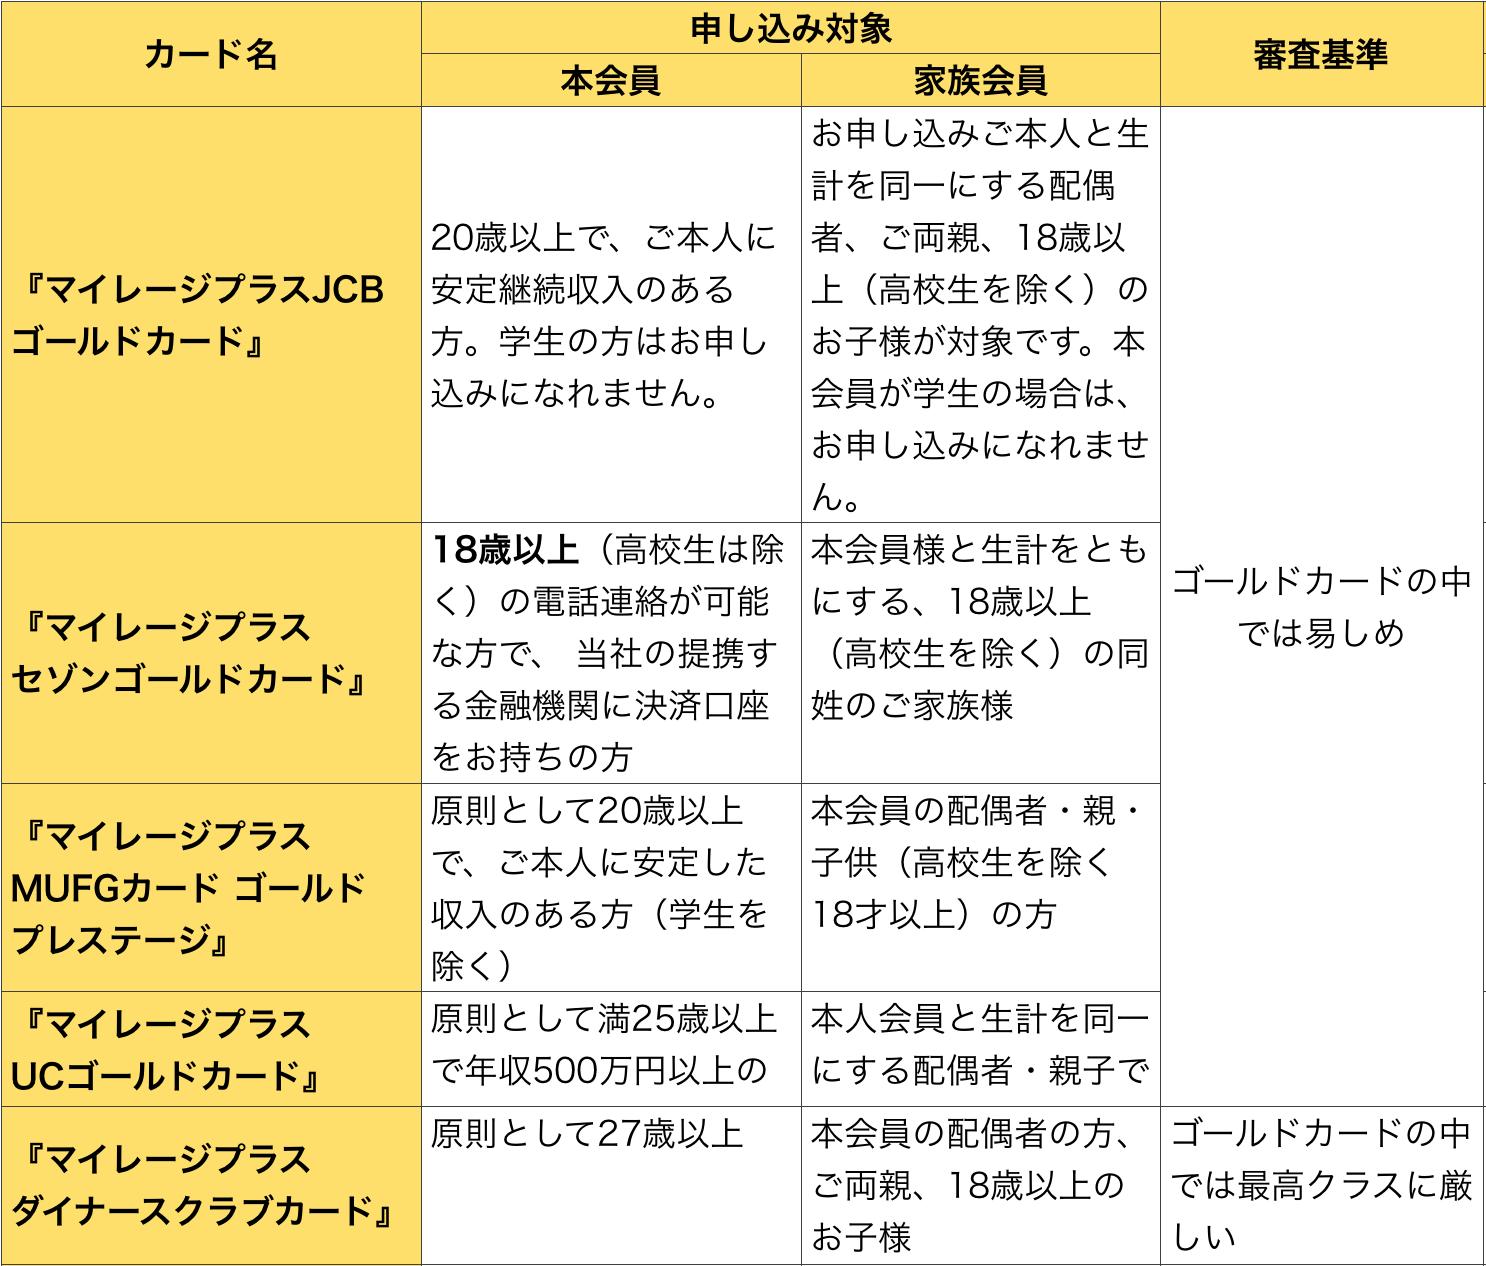 マイレージプラスゴールドカードの申し込み資格・審査難易度の比較